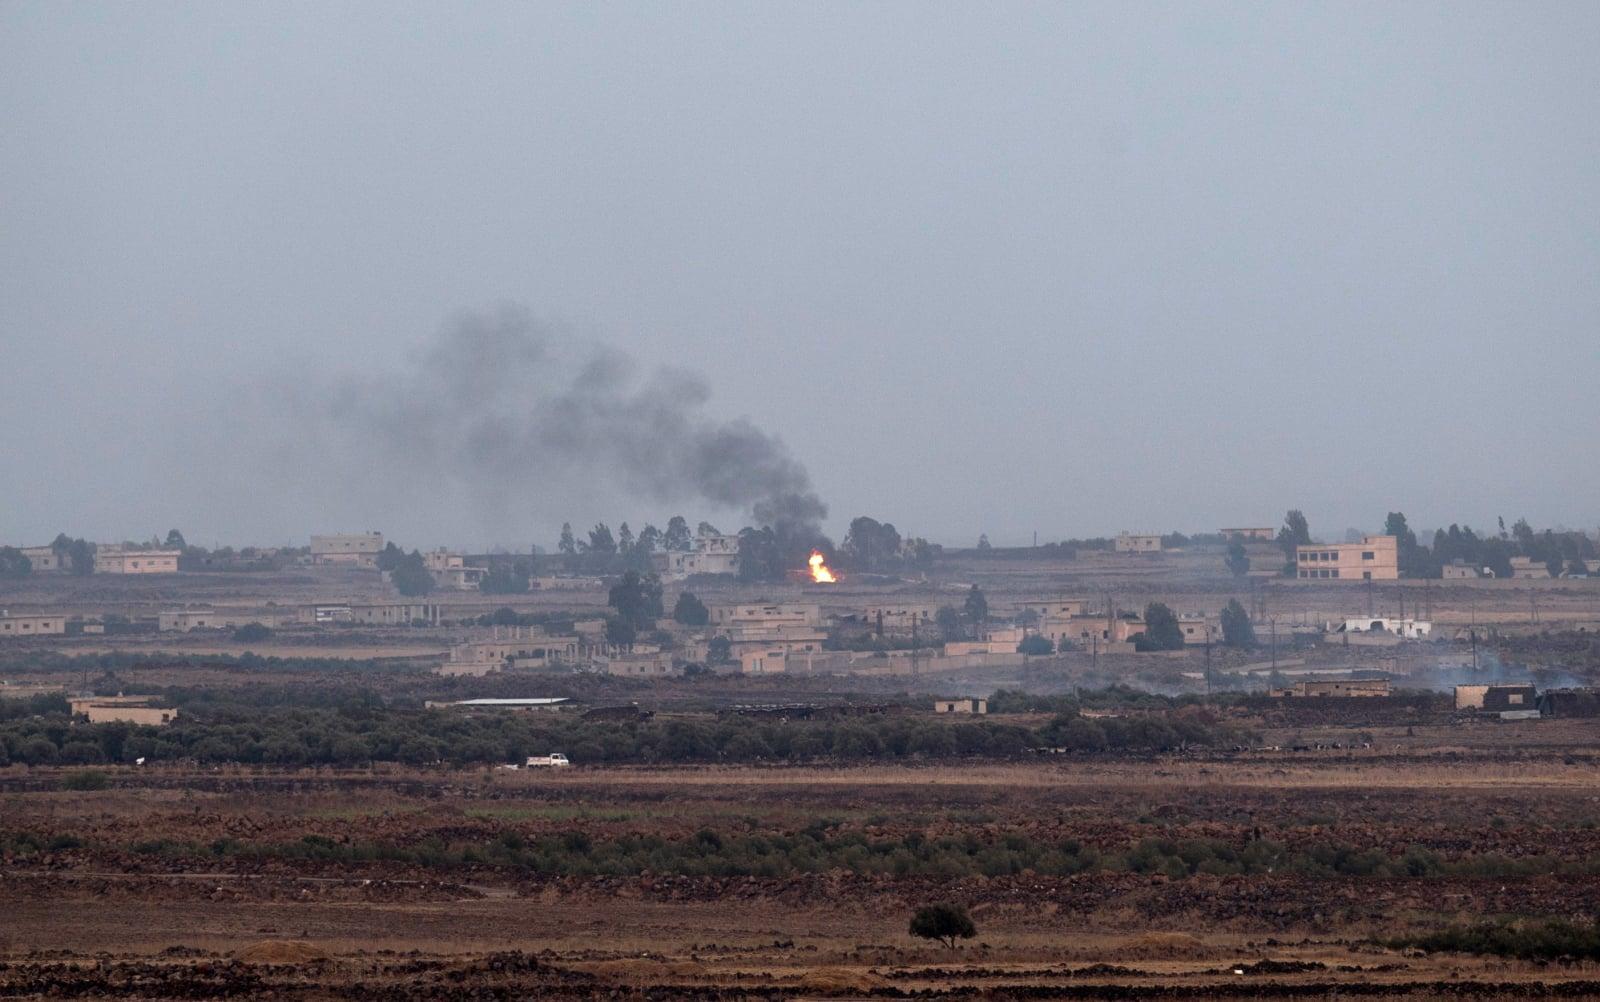 Dym unoszący się nad Wzgóremz Golan w wiosce Arab Asudi w południowo-wschodniej prowincji Quneitra, który jest skutkiem ataków powietrznych, fot. EPA/ATEF SAFADI